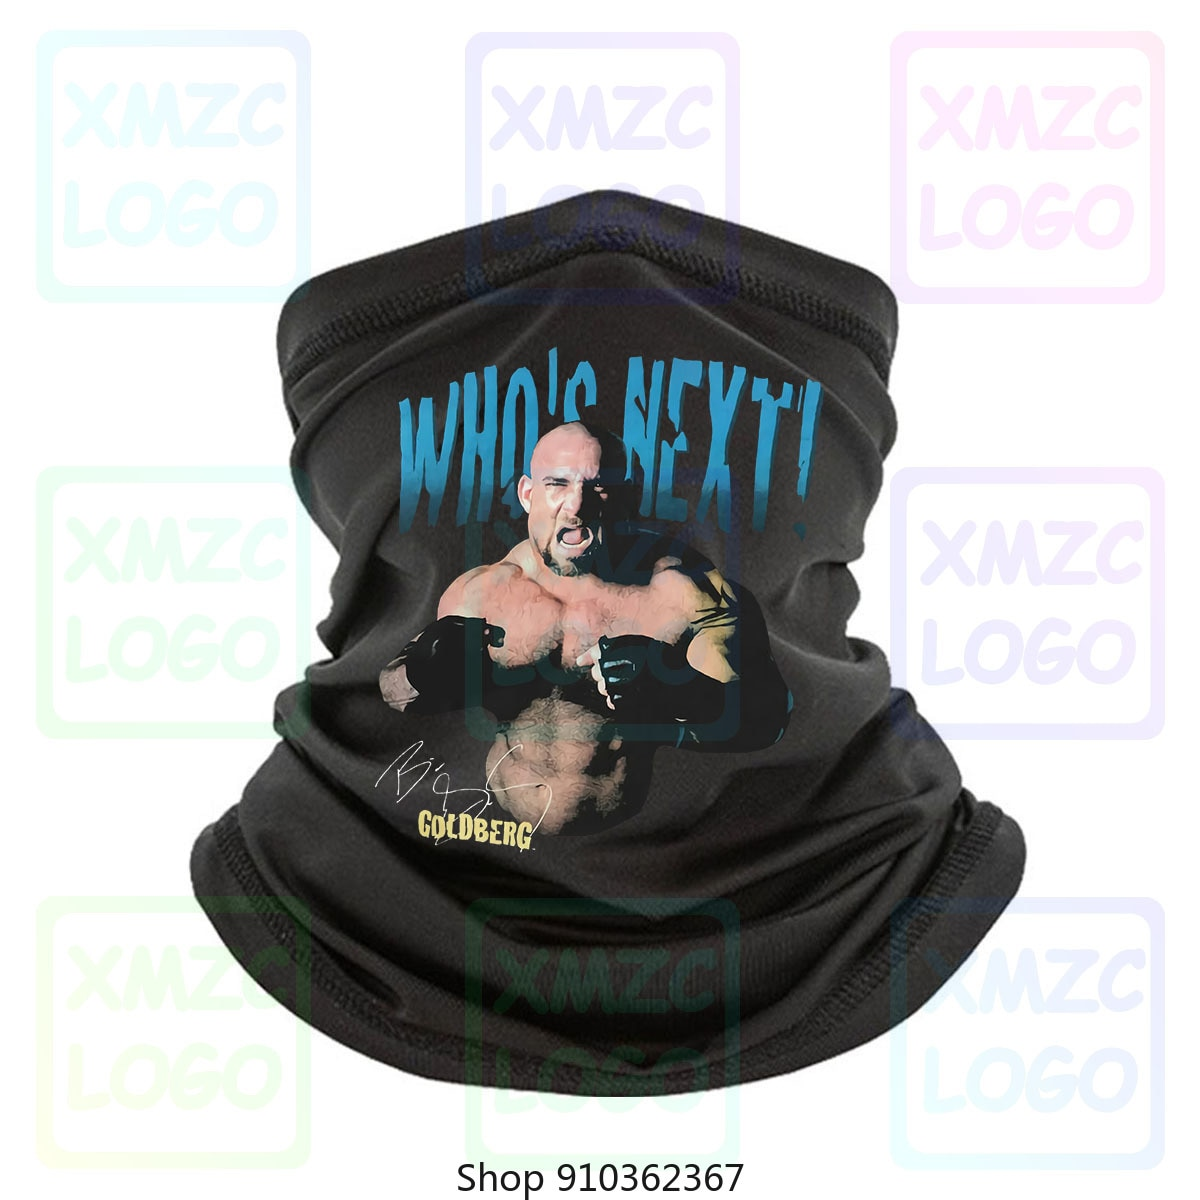 Pañuelo de Whisky de una pieza con Logo de la marca glinddich, pañuelo para hombre con impresión Epson, pañuelo, pañuelo, calentador de cuello para mujer y hombre